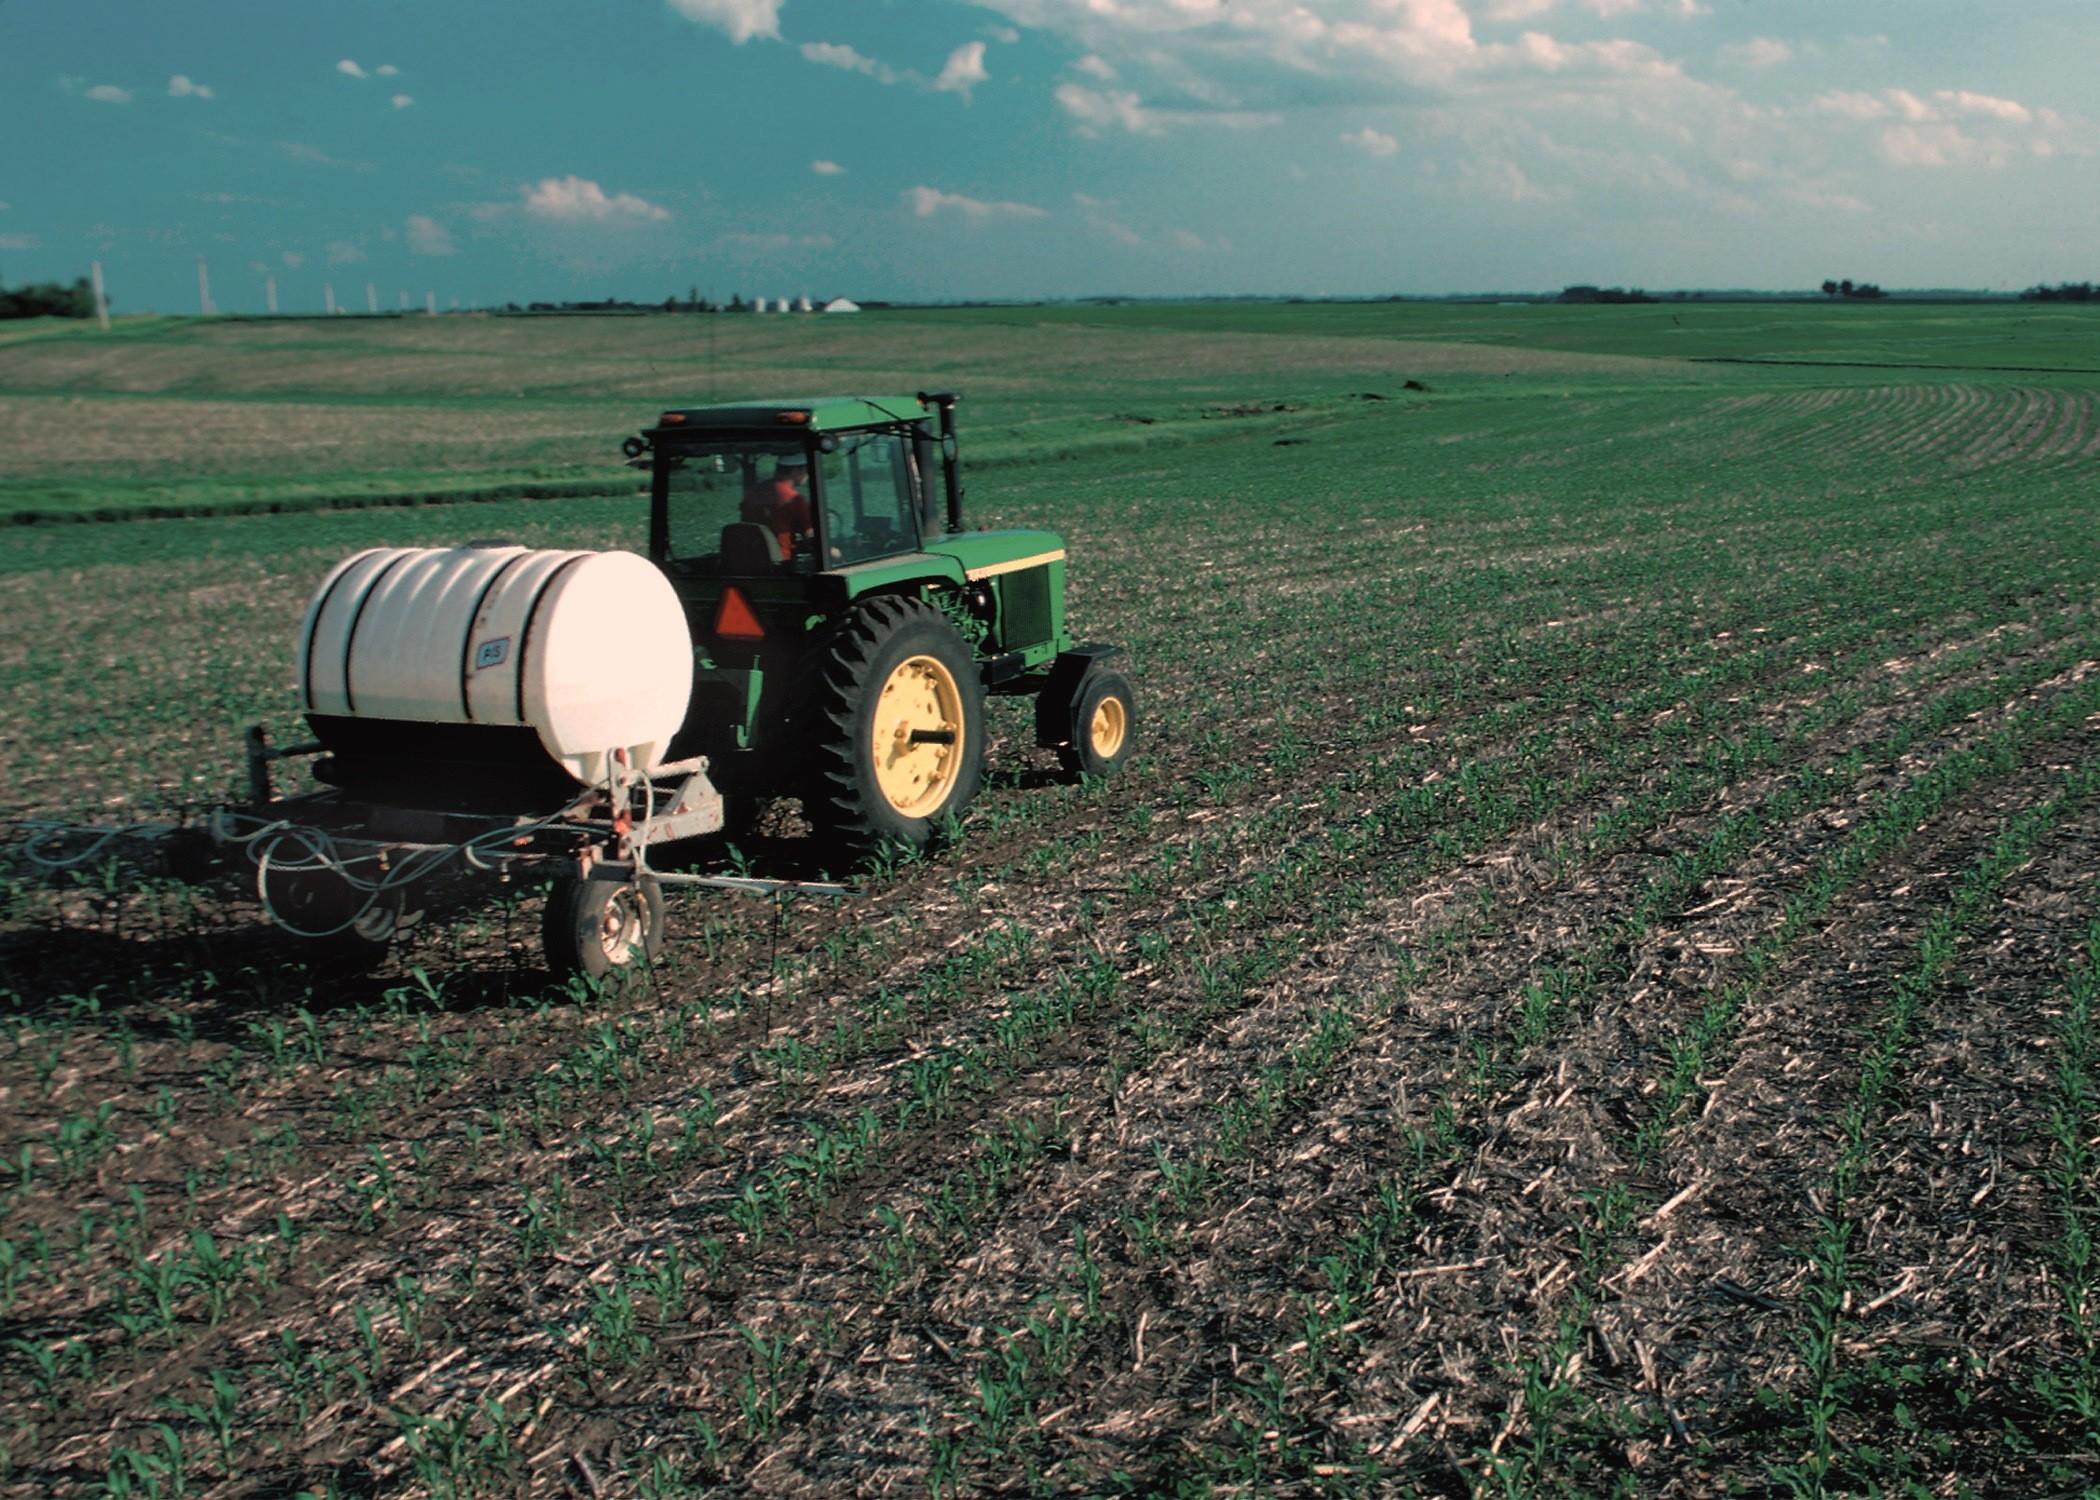 土壤遇上農業,就踏上了一條不歸路?—《土壤的救贖》